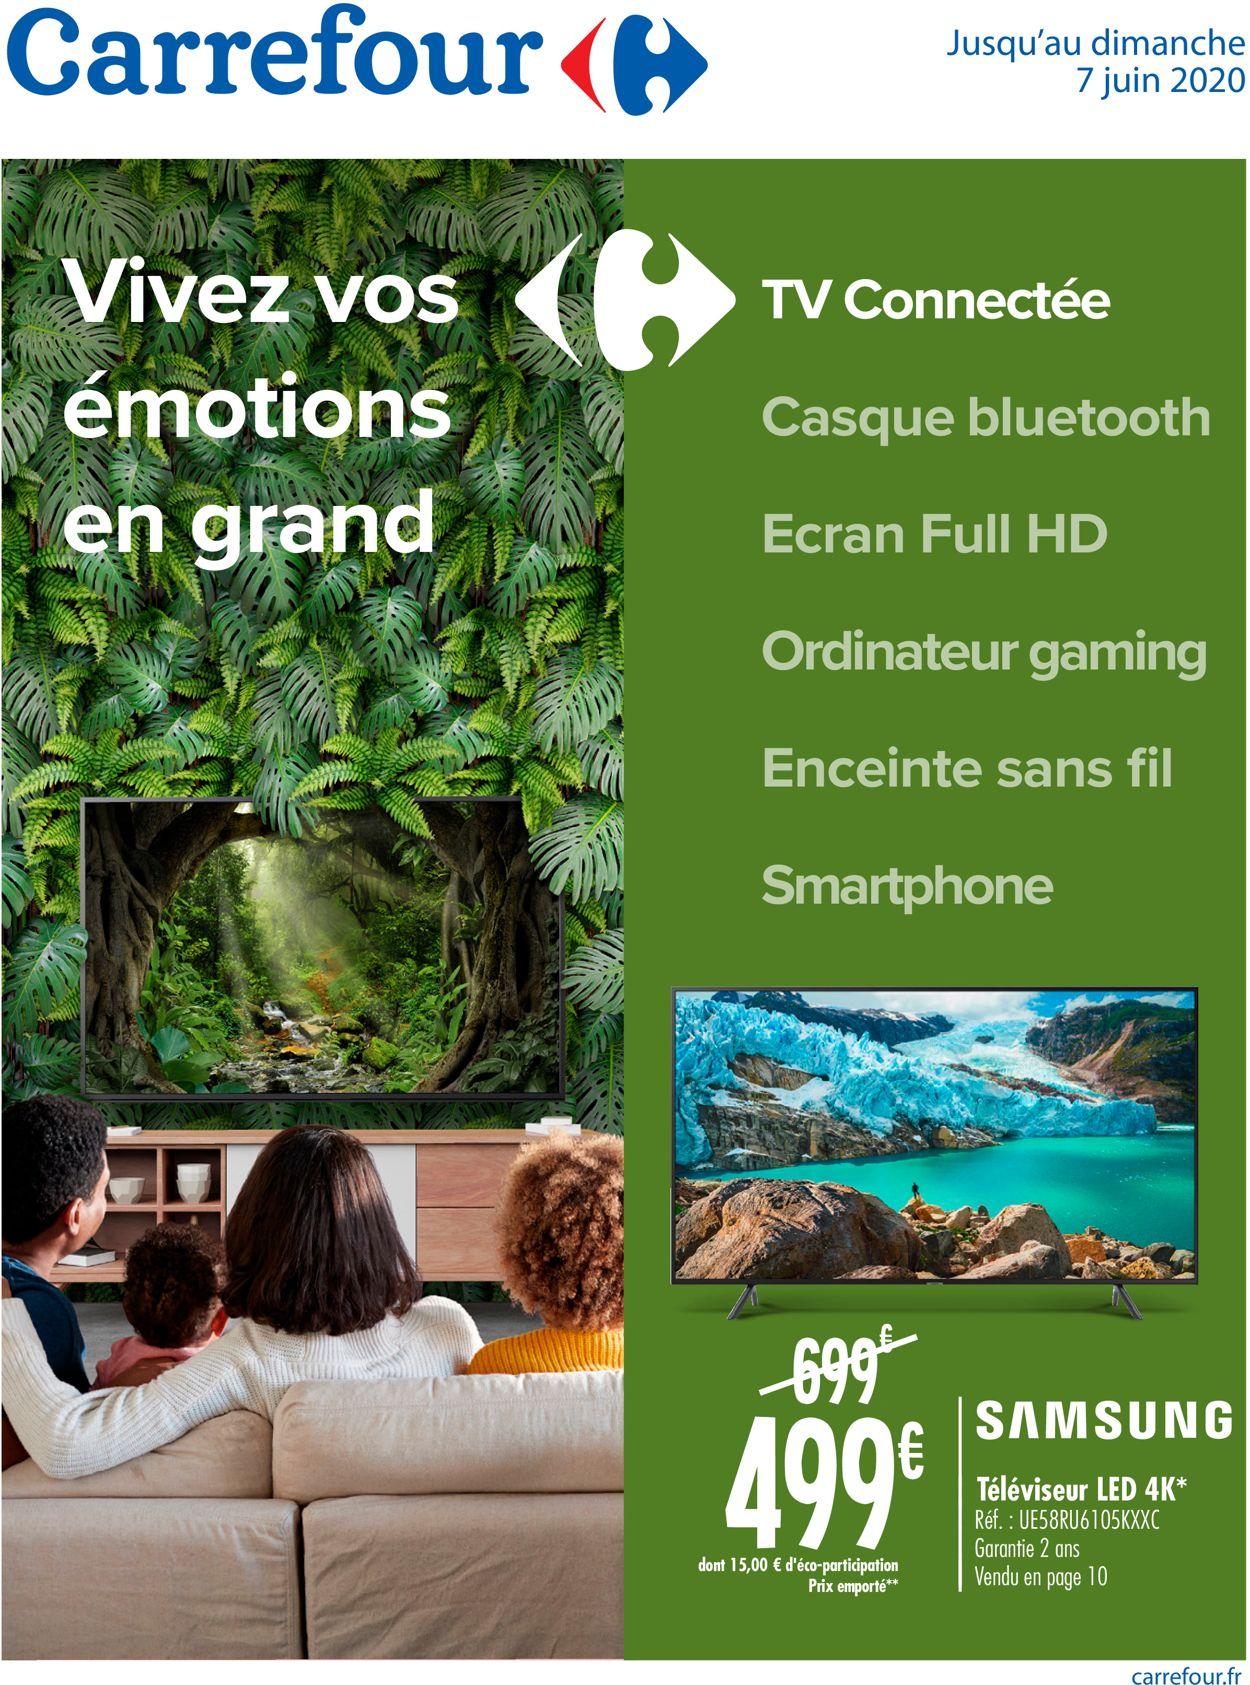 Carrefour Catalogue - 05.05-07.06.2020